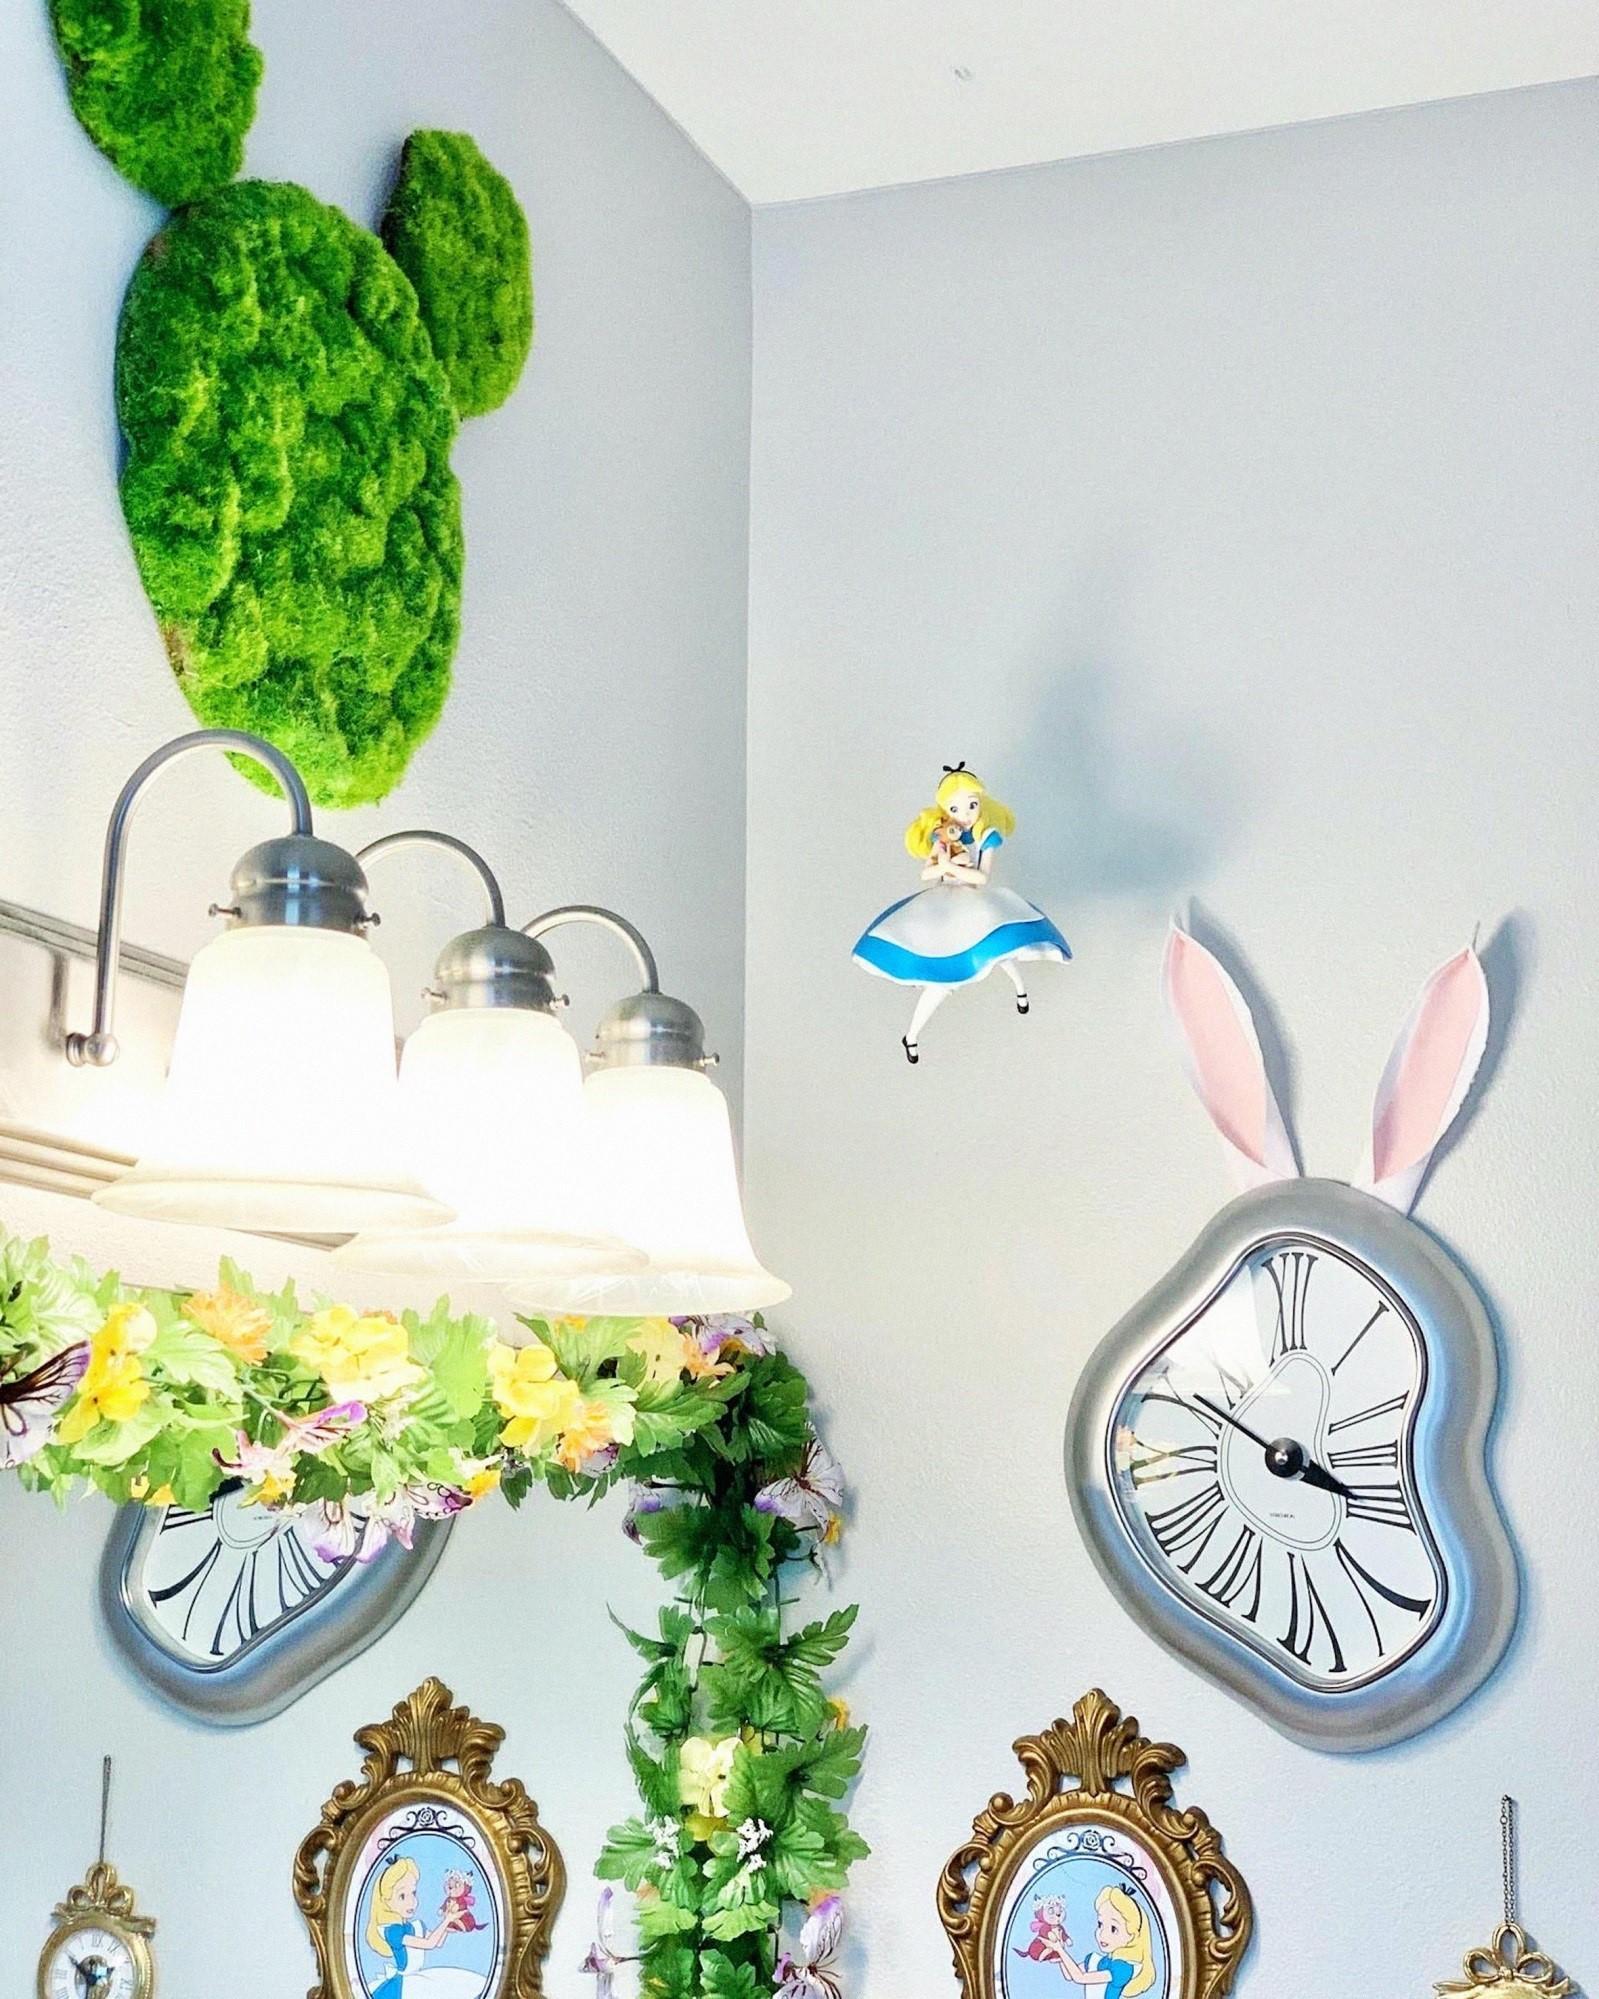 Дизайнер интерьера и мама Келси Хермансон превратила обычный дом в яркую диснеевскую сказку – все в восторге от волшебного домика!